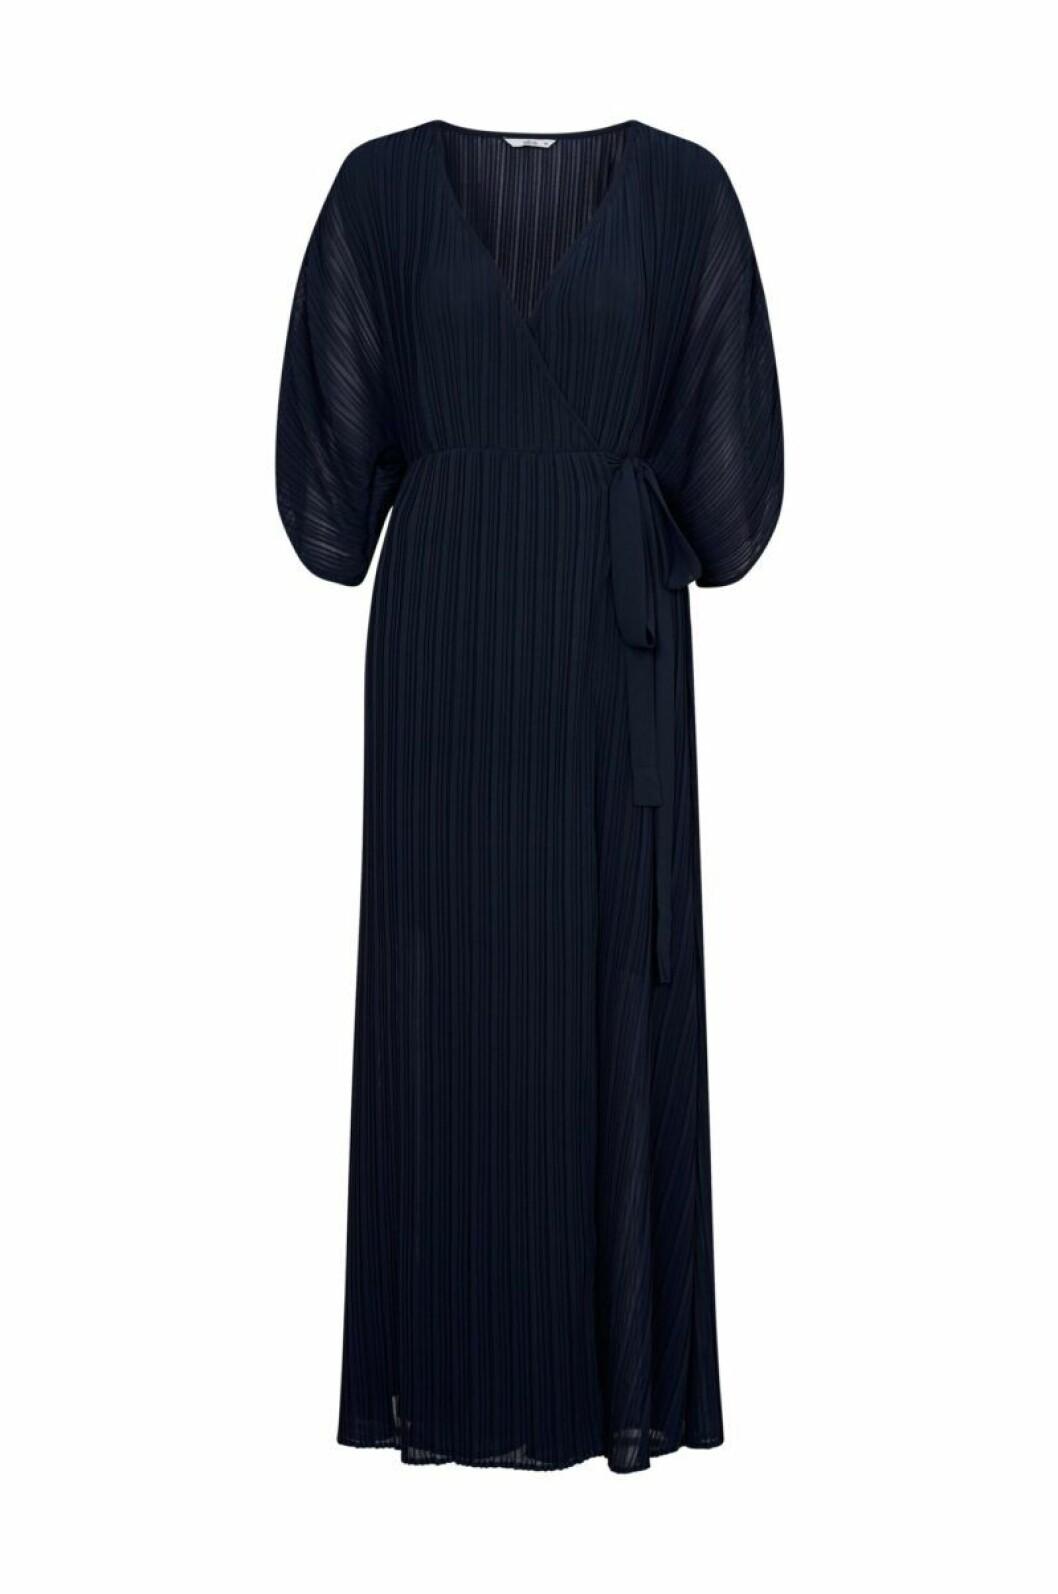 Plisserat klänning i mörkblått